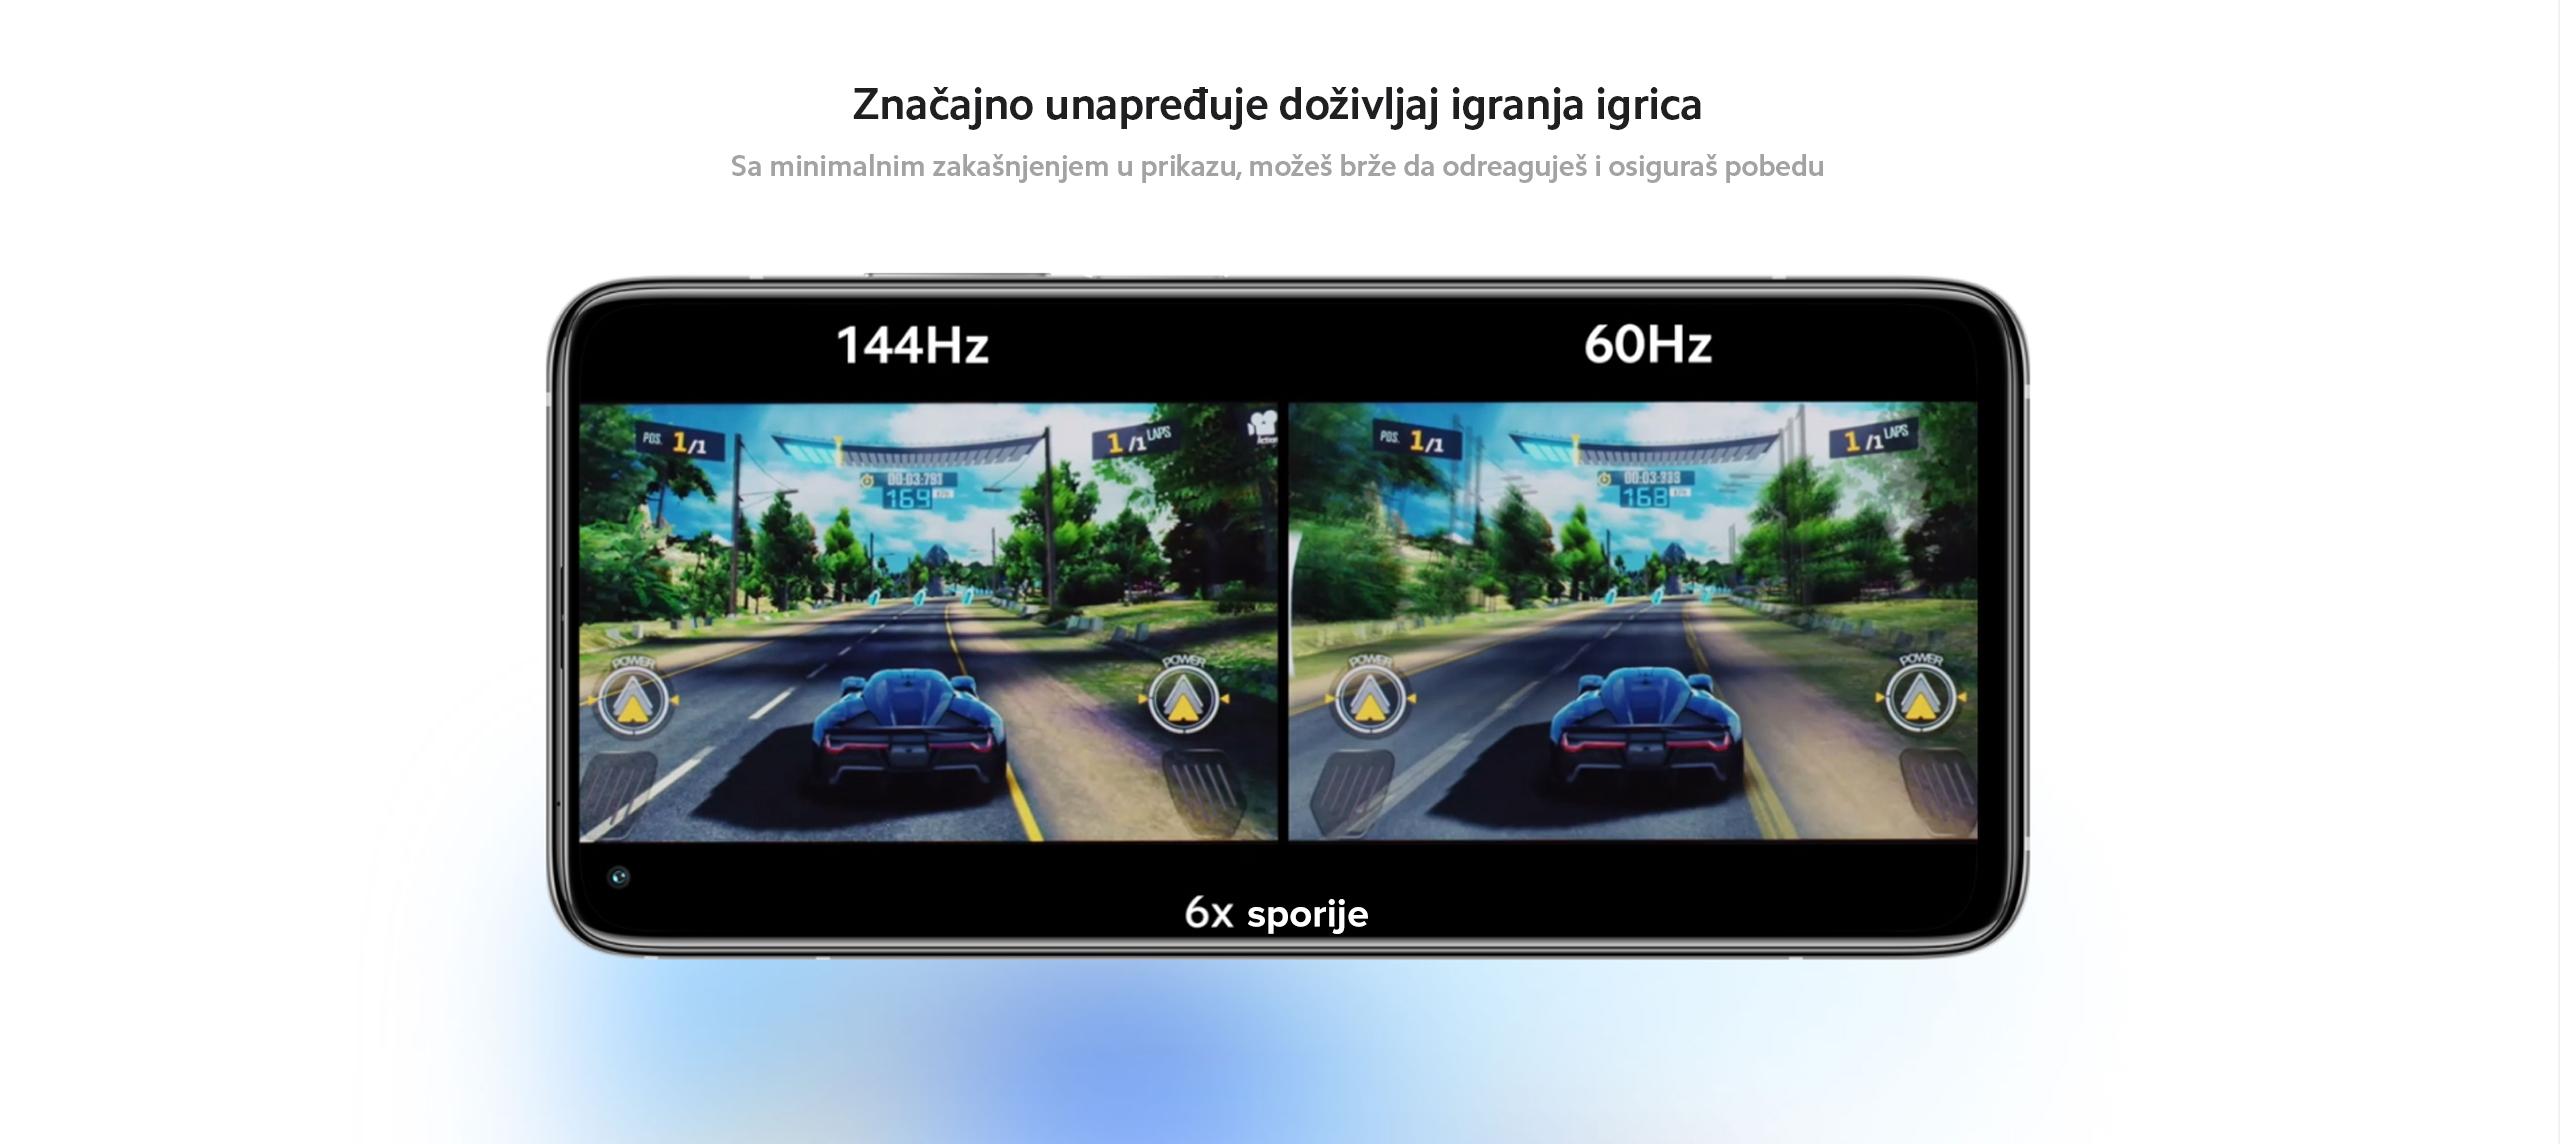 https://mi-srbija.rs/storage/media/2020/11/5/94f7db18-9e83-49cc-9497-ed0bed2f3beb.jpg